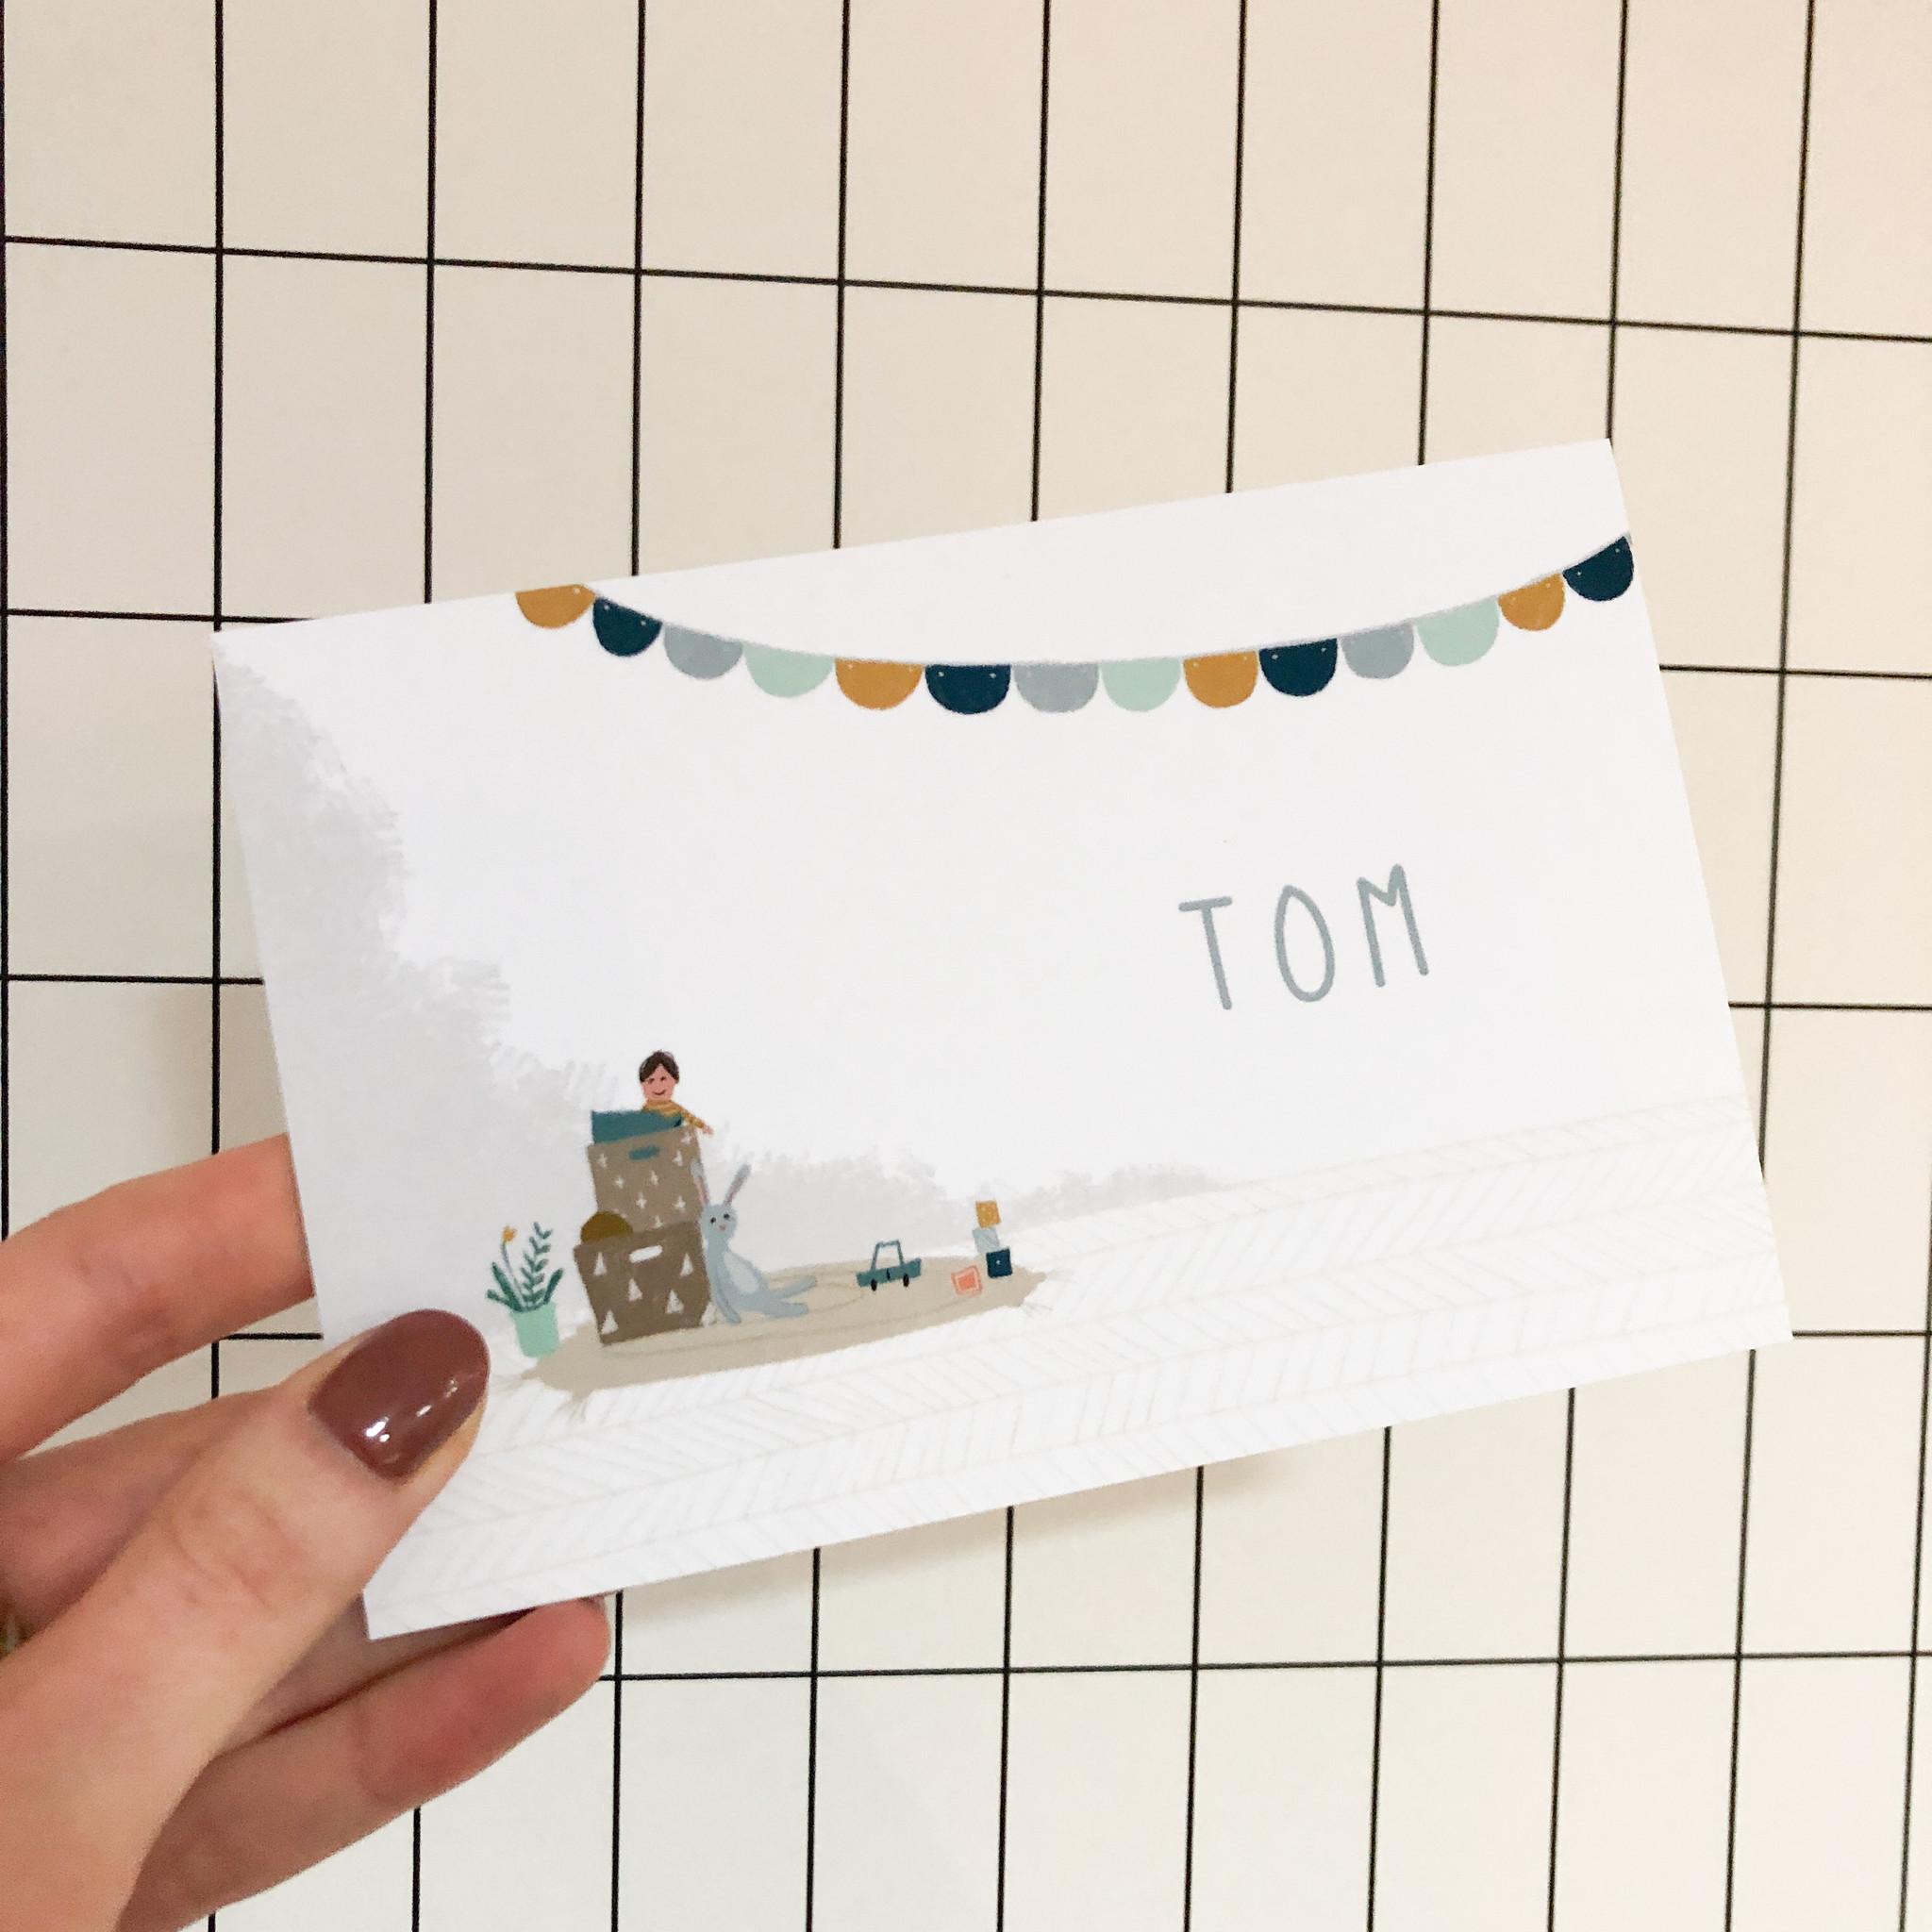 geboren_02-19 Tom